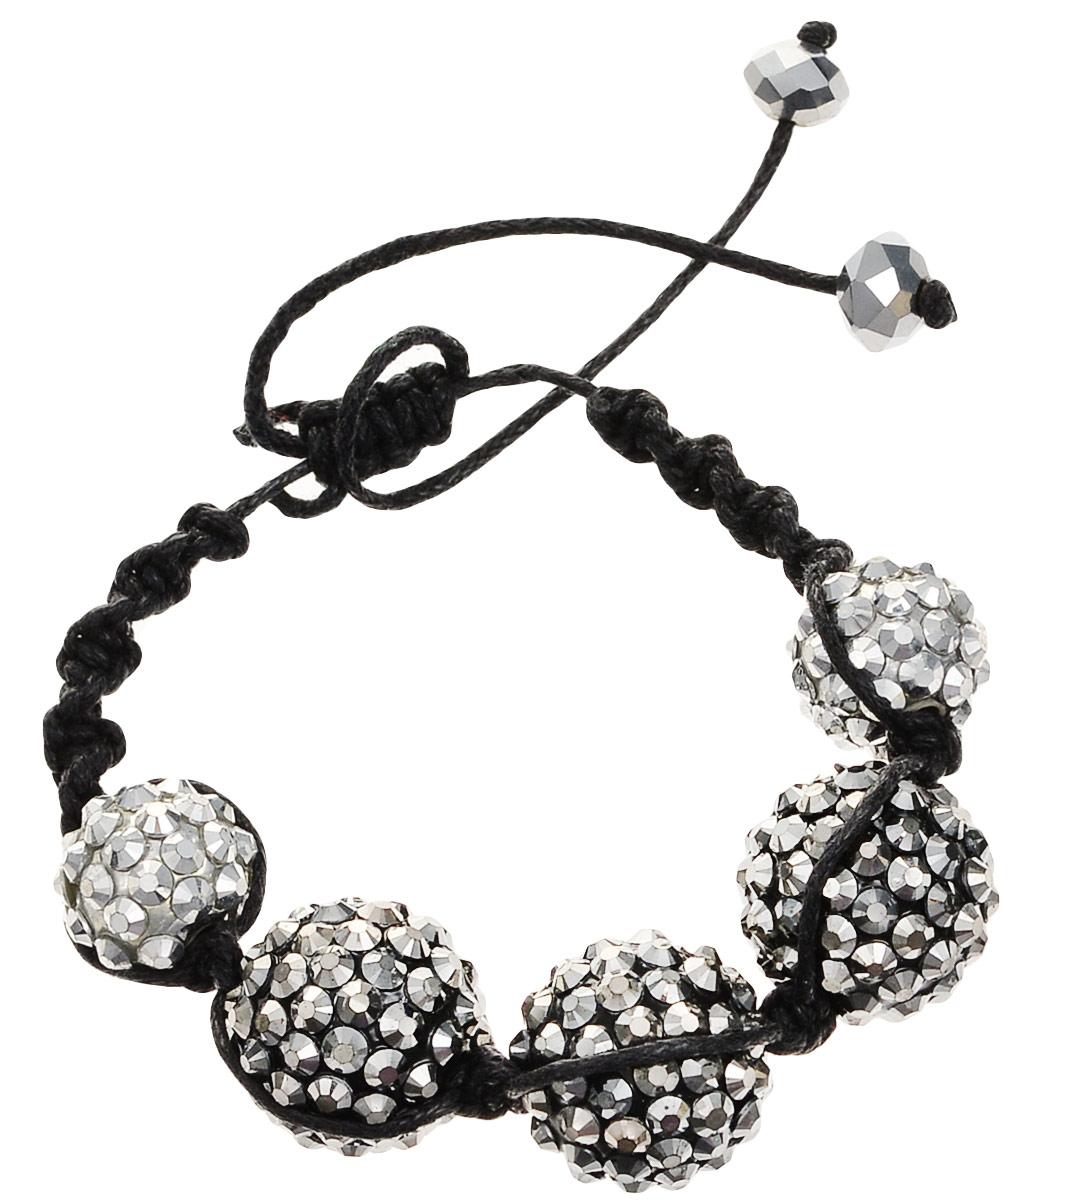 Браслет женский Art-Silver, цвет: черный, серебряный. 22260-340Браслет для шармовБраслет на текстильной нитке от Art-Silver декорирован стразами. Модель со скользящим узлом.